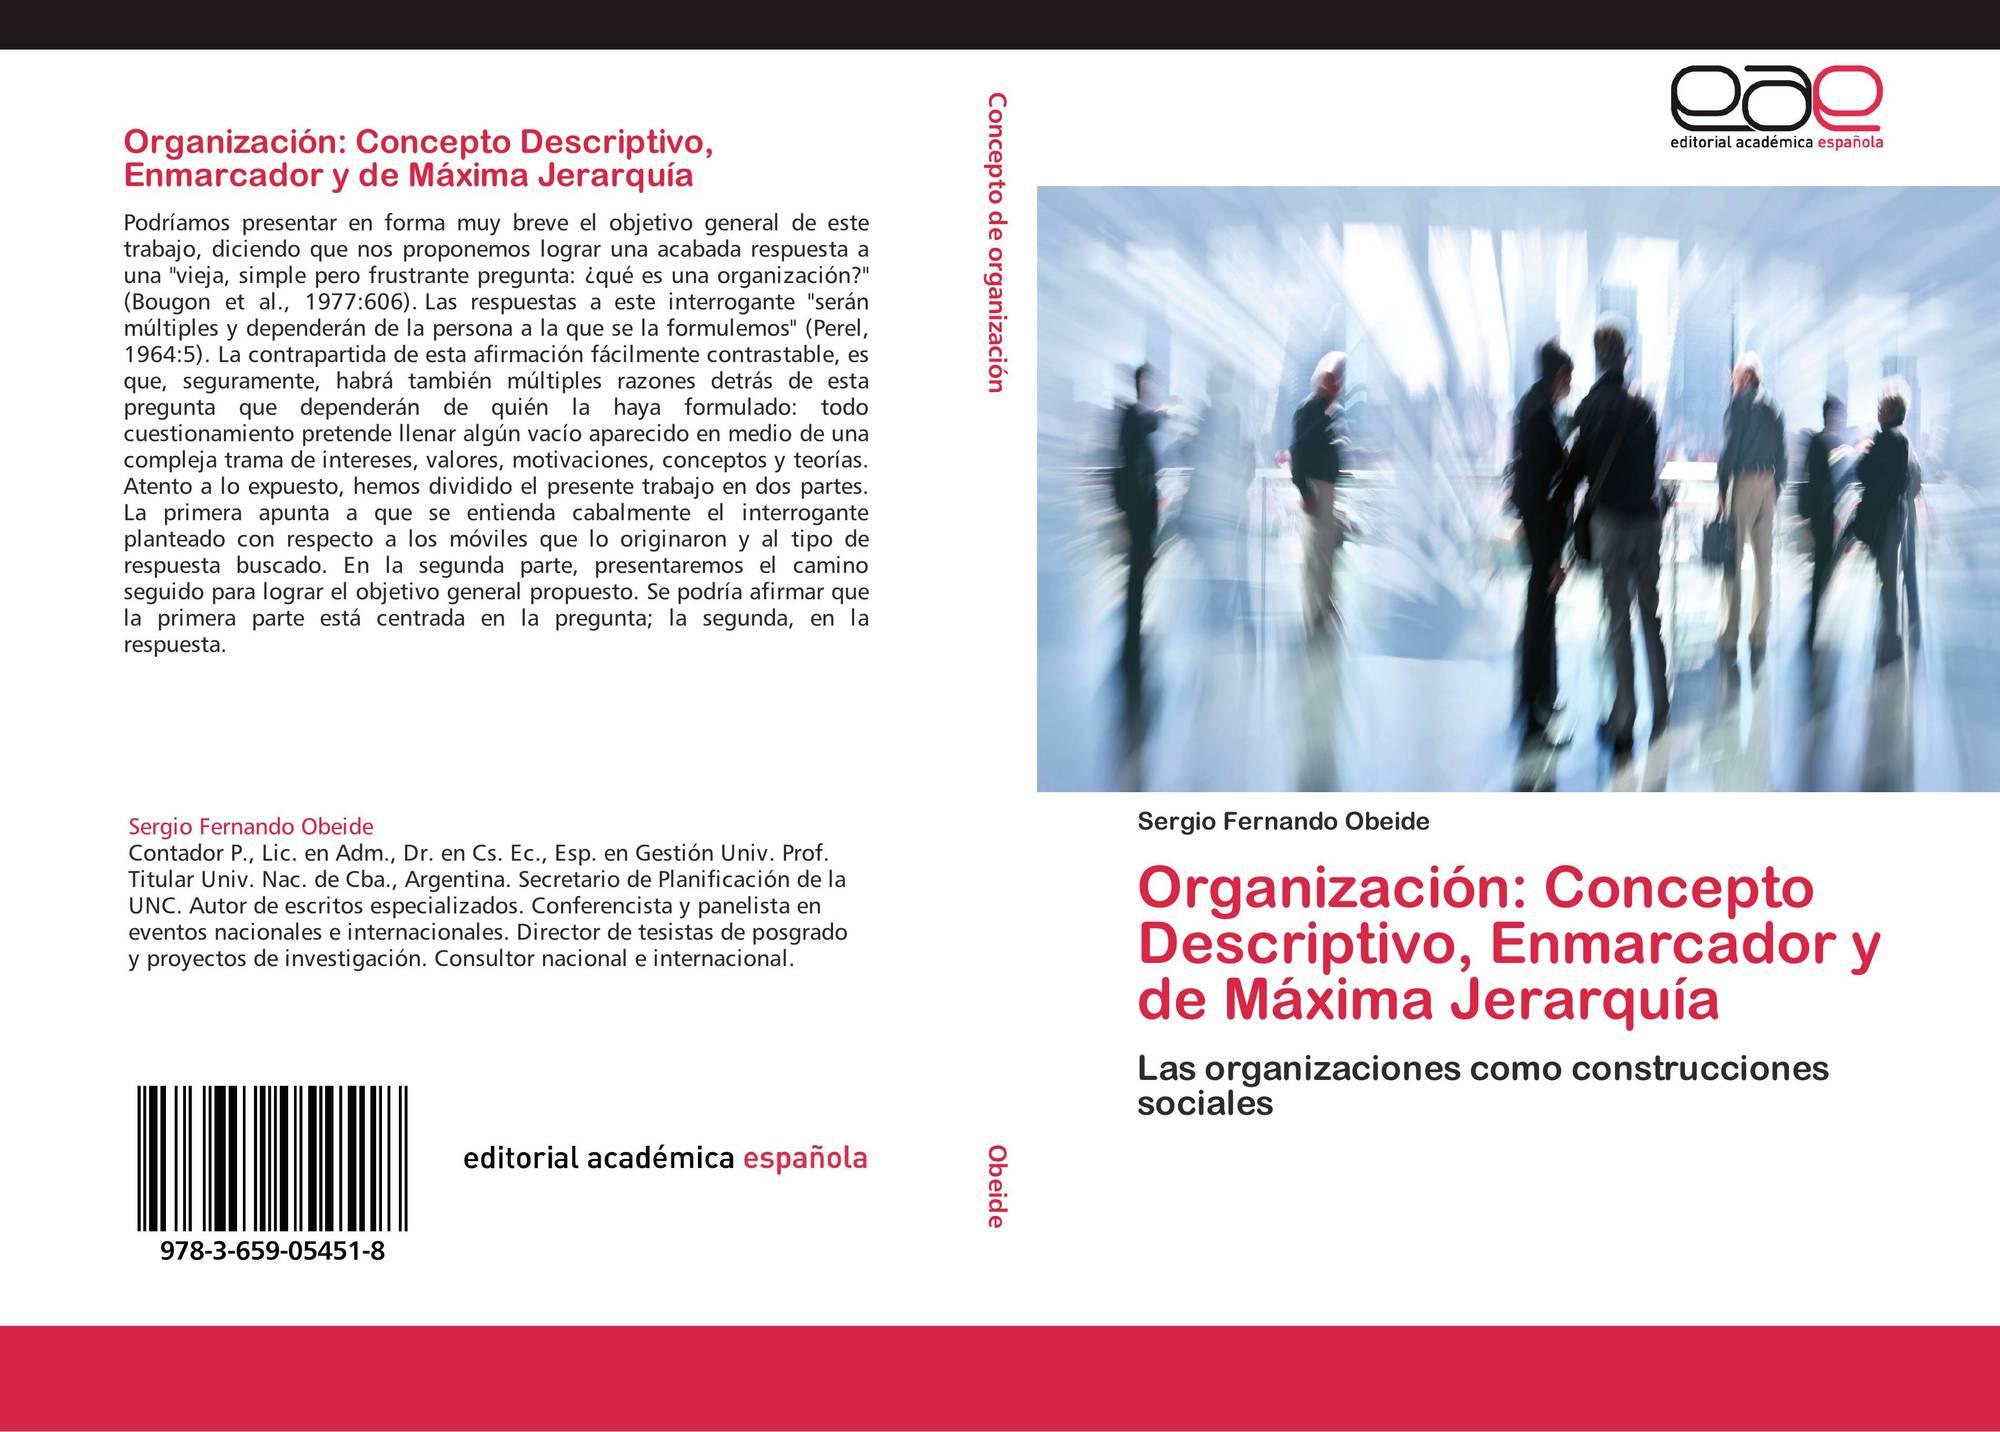 Organización: Concepto Descriptivo, Enmarcador y de Máxima Jerarquía ...